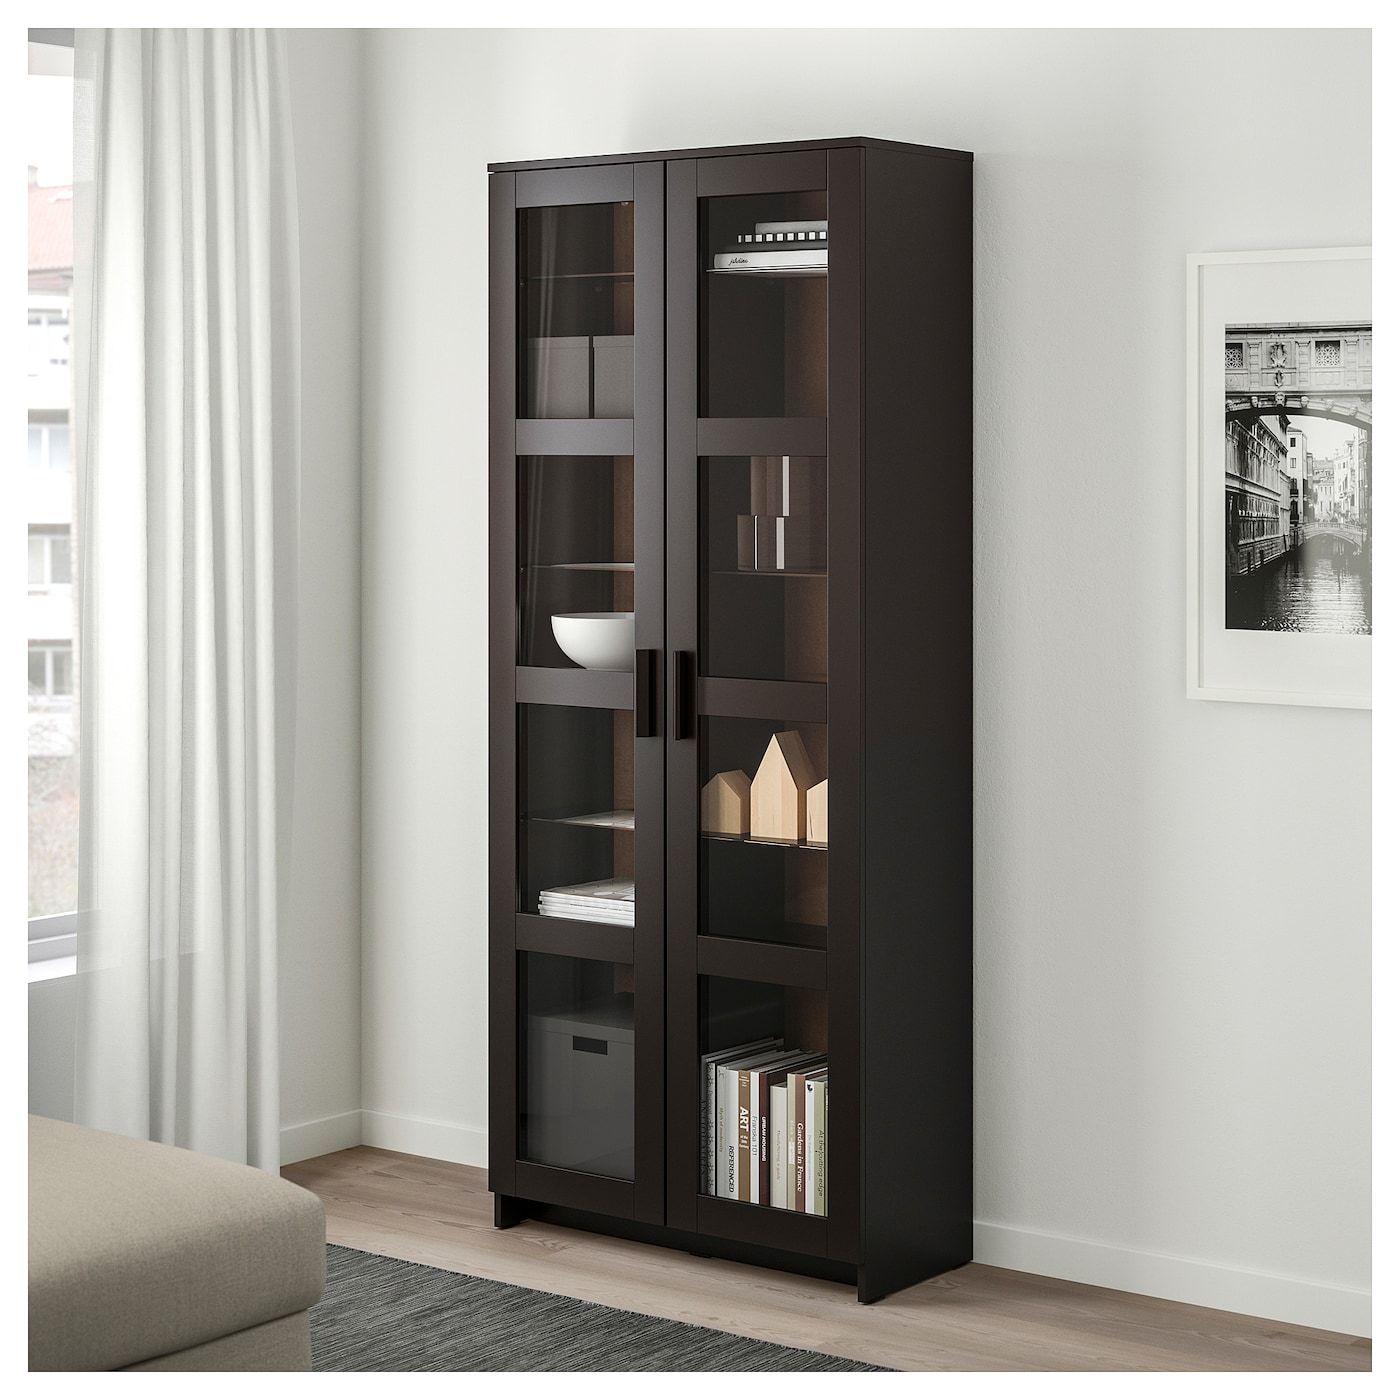 Brimnes Vitrinekast Zwart 80x190 Cm Ikea Glass Cabinet Doors Glass Shelves Glass Door